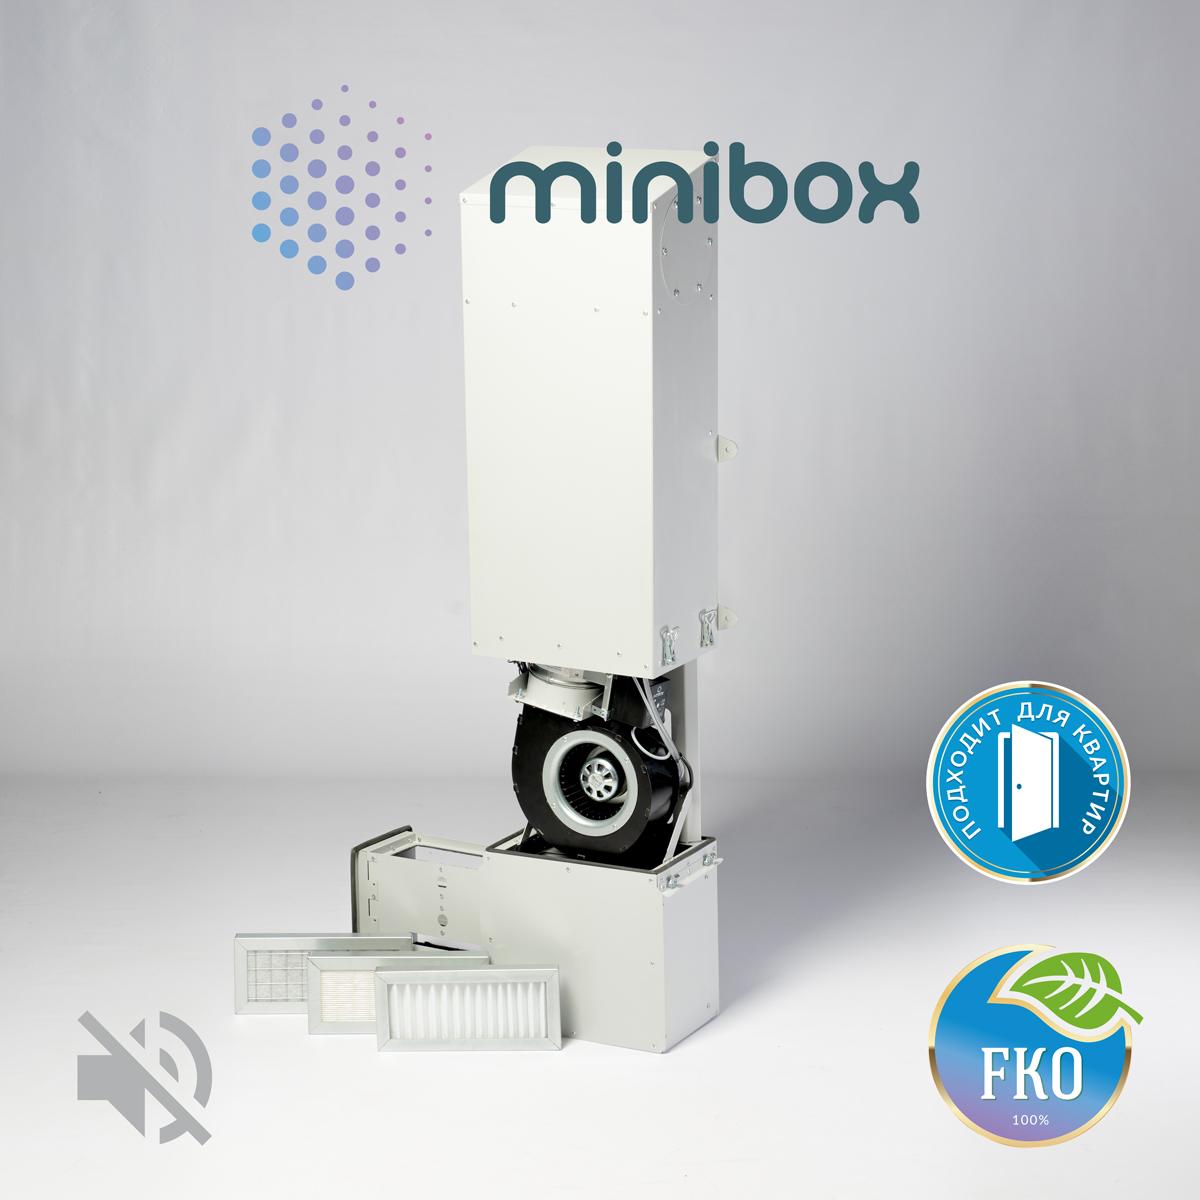 Minibox.Home